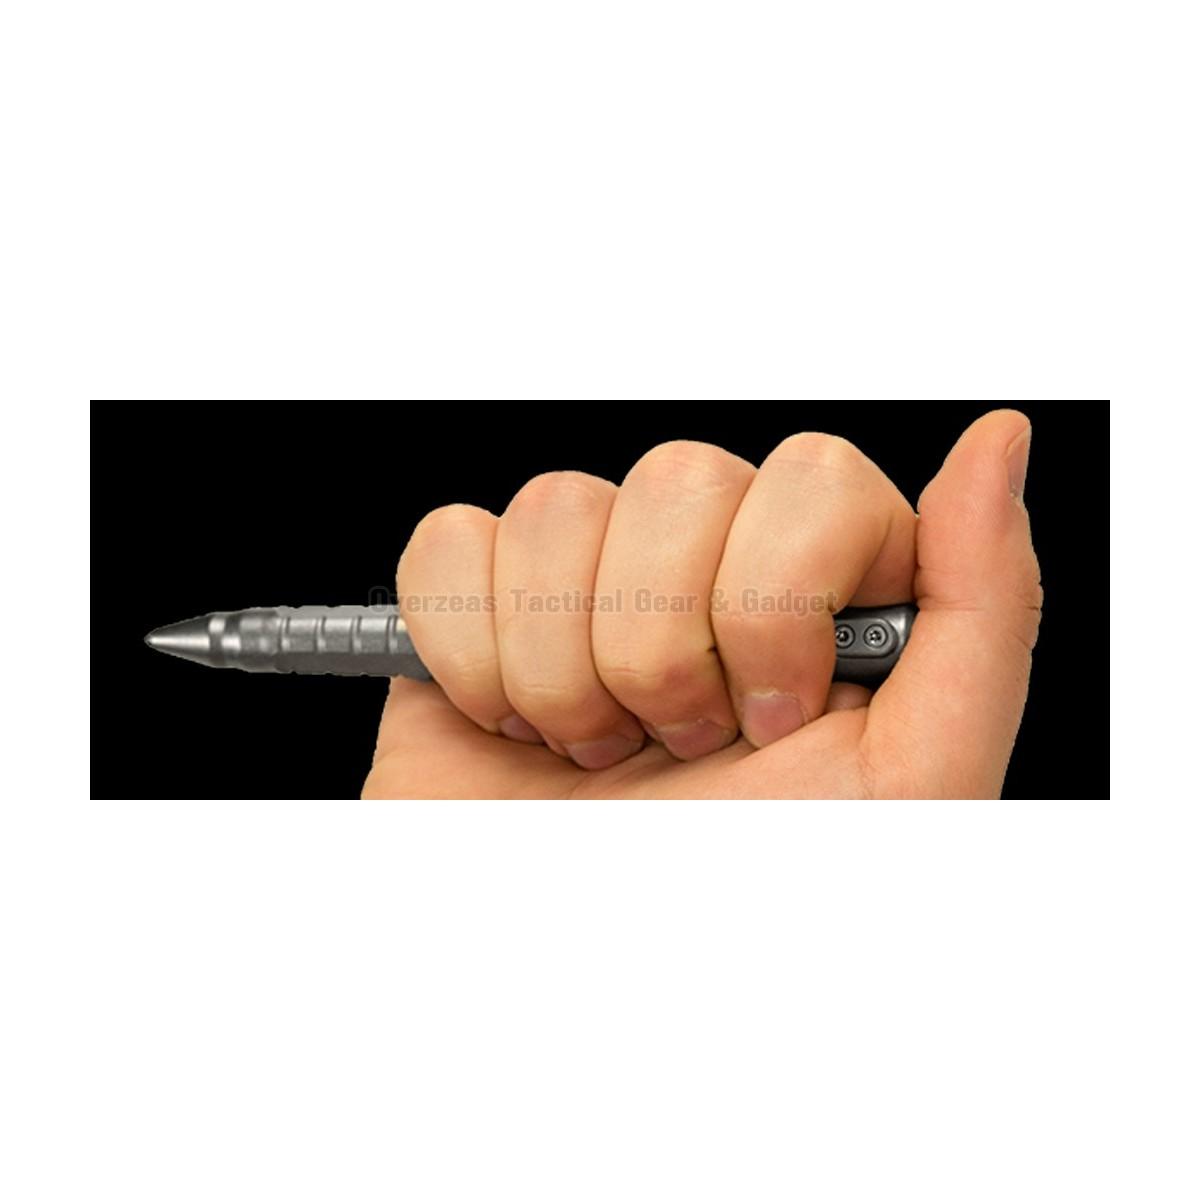 ปากกาแทคติคอล ต่อสู้ ป้องกันตัว Zero Tolerance 0010TI titanium tactical pen (ZT0010TI)